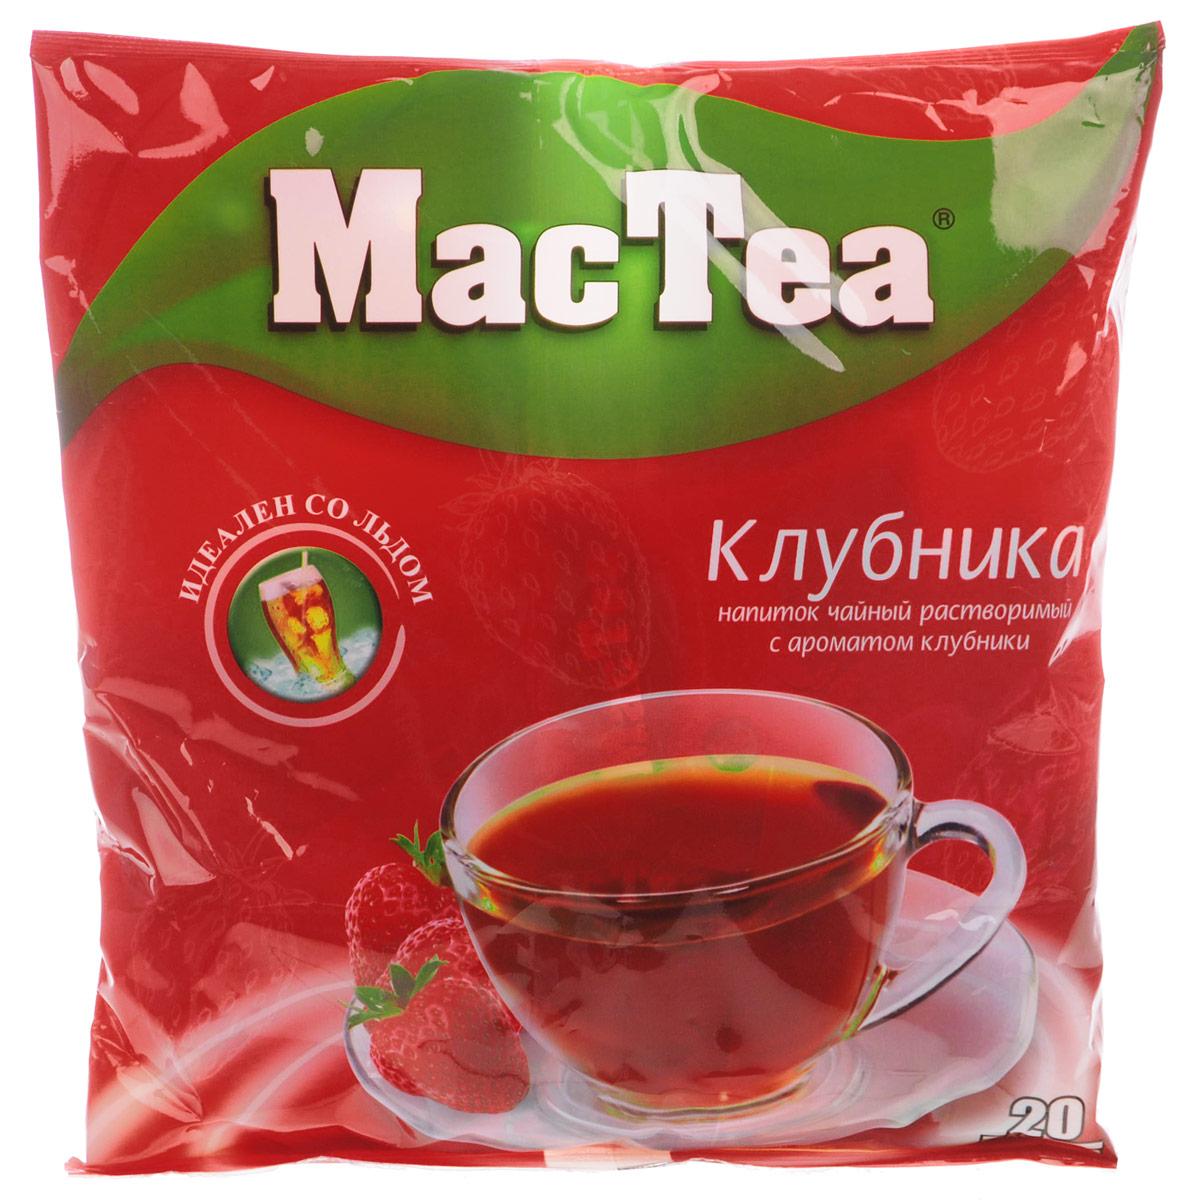 MacTea напиток чайный с клубникой, 20 шт8887290103398Растворимый чайный напиток MacTea с ароматом клубники понравится и детям, и взрослым. Этот напиток можно употреблять как в холодном, так и в горячем виде. Для приготовления необходимо залить содержимое пакетика стаканом воды и тщательно размешать.